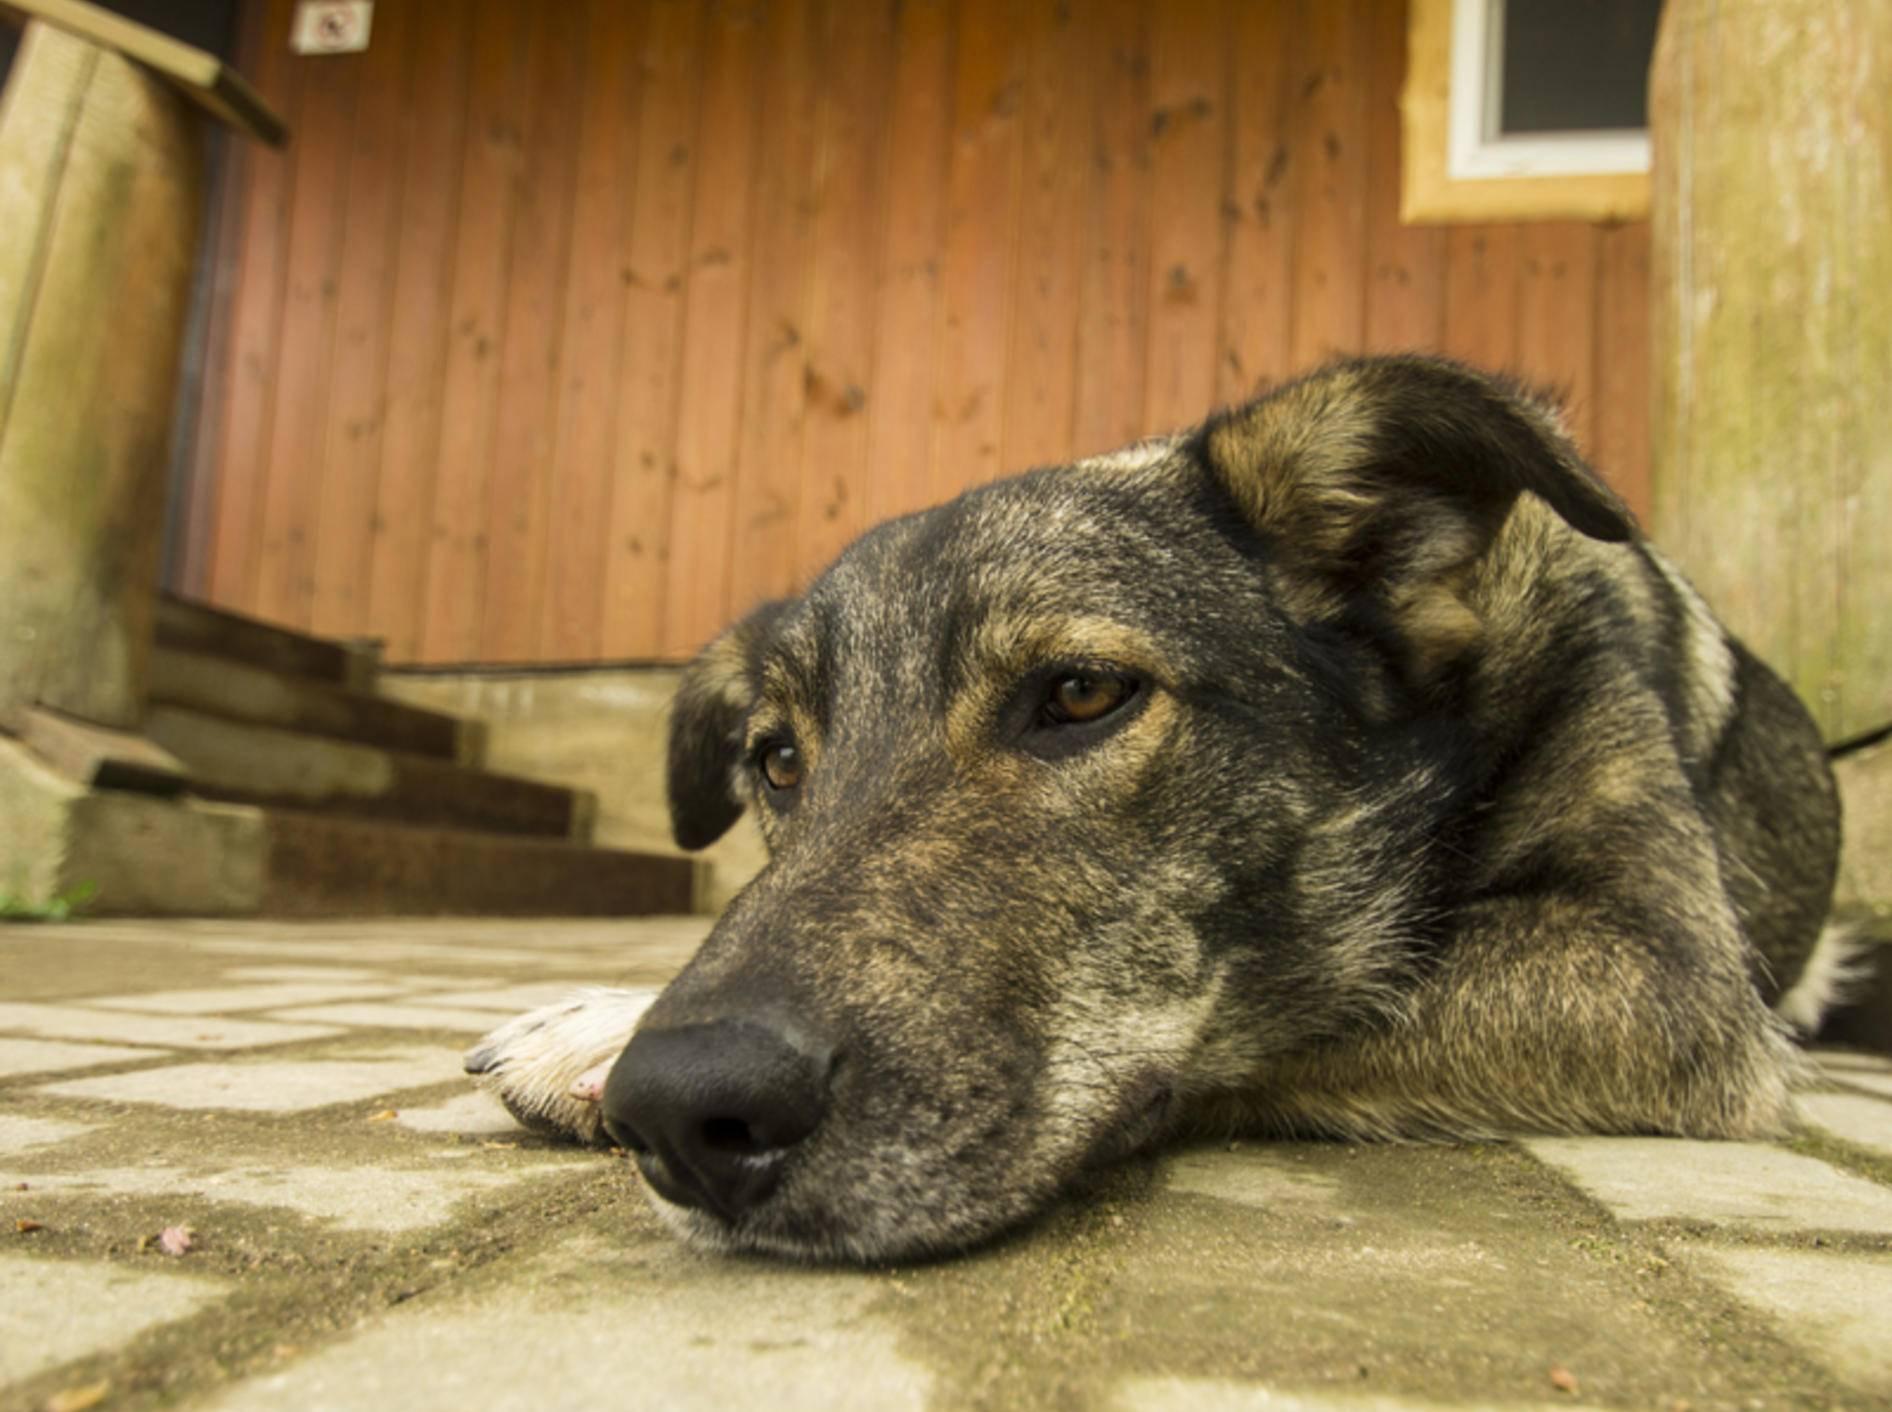 Schmerzen sorgen oft dafür, dass der Hund lahmt und schließlich gar nicht mehr läuft – Bild: Shutterstock / CarMan